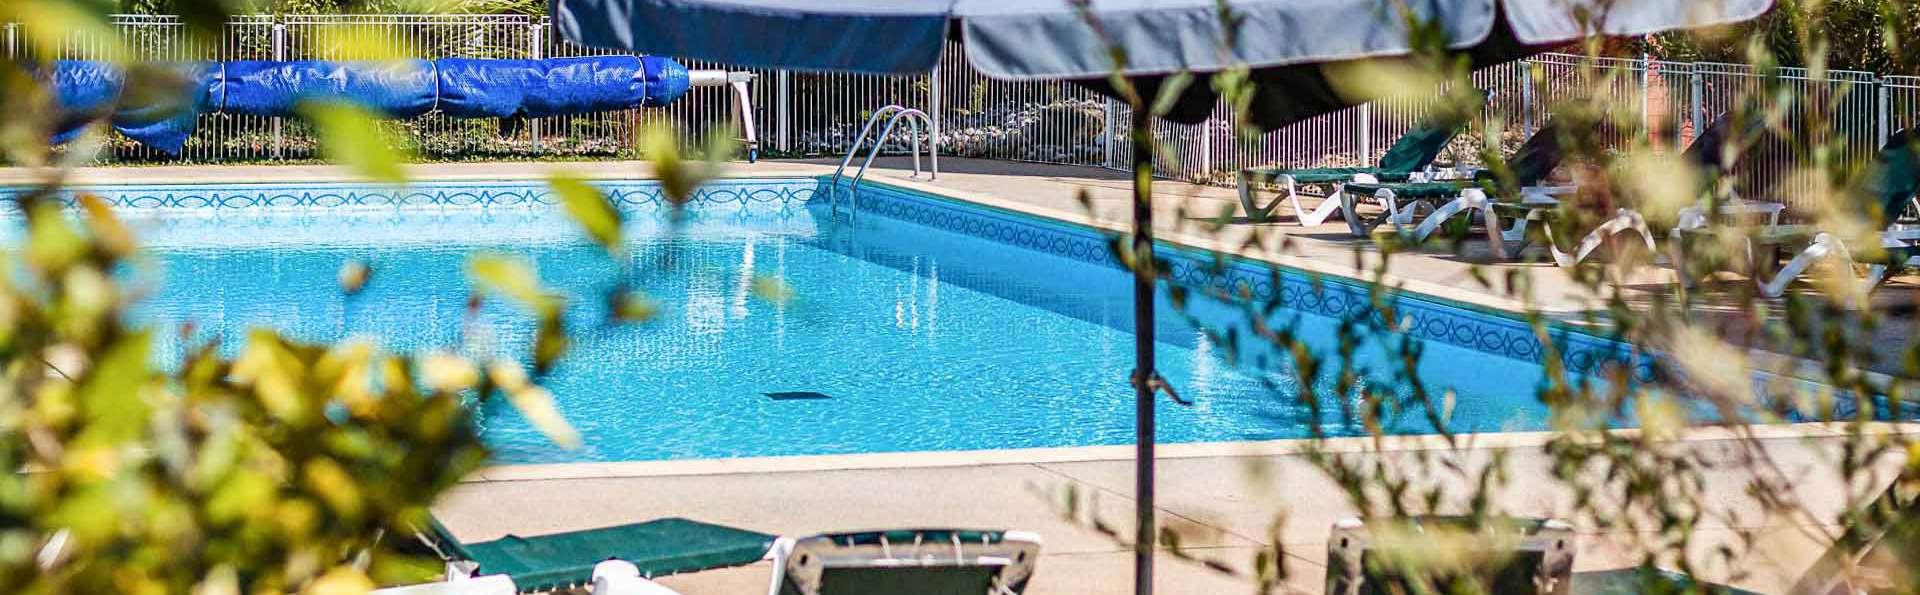 Vacancéole Le Relais du Plessis - EDIT_residence-le-relais-du-plessis-richelieu-exterieur-piscine_01.jpg